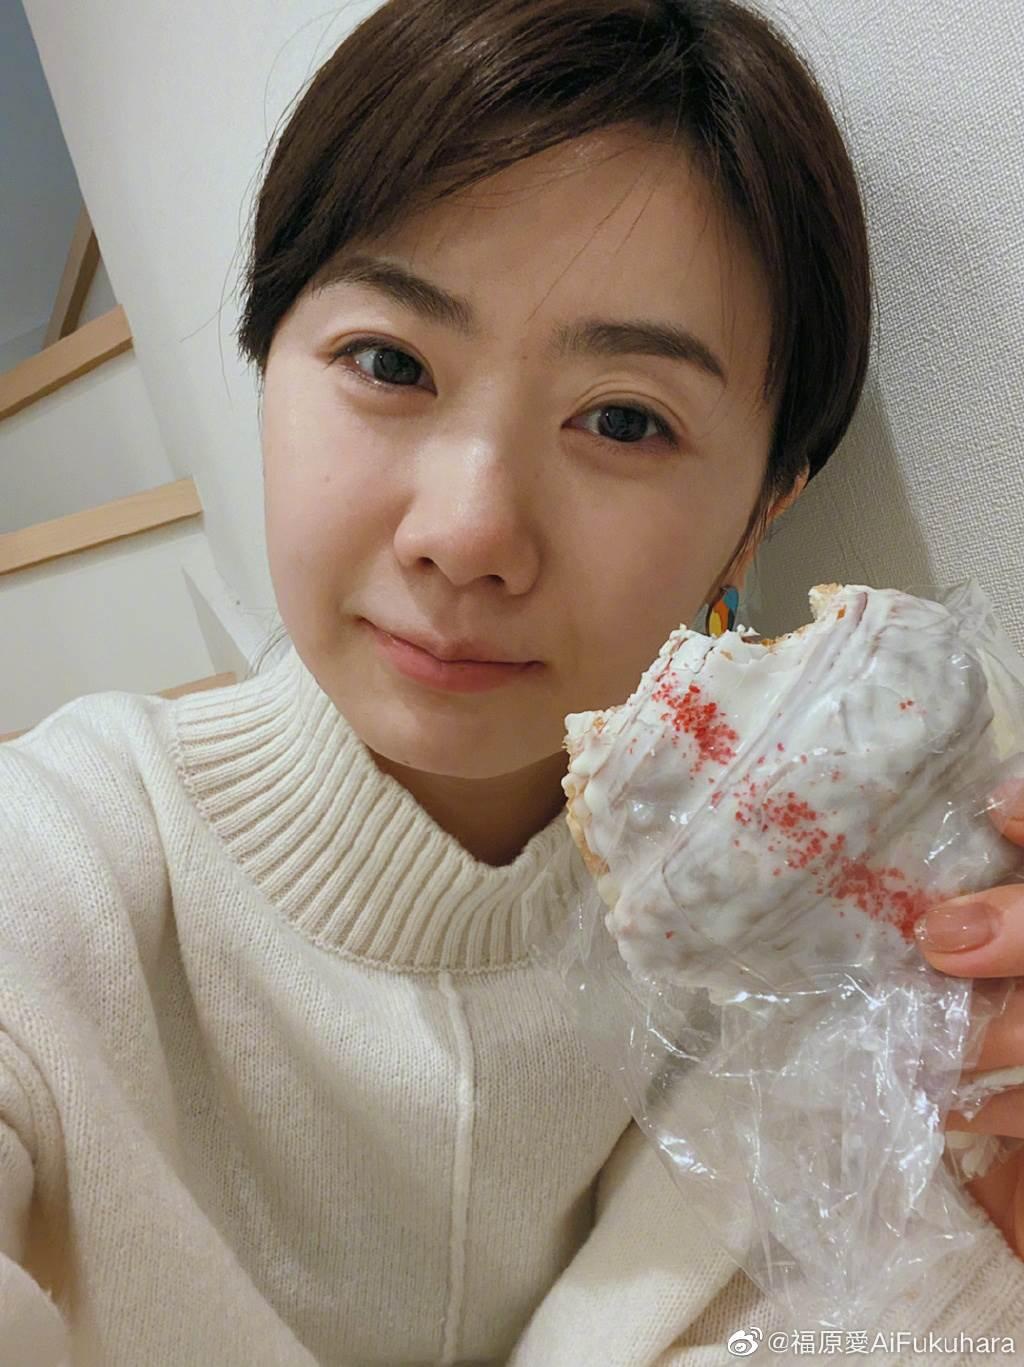 福原愛被指因婚姻問題,體重驟降、情緒低落。還被日本電視台工作人員發現她臉上少有笑容。(取自福原愛微博)